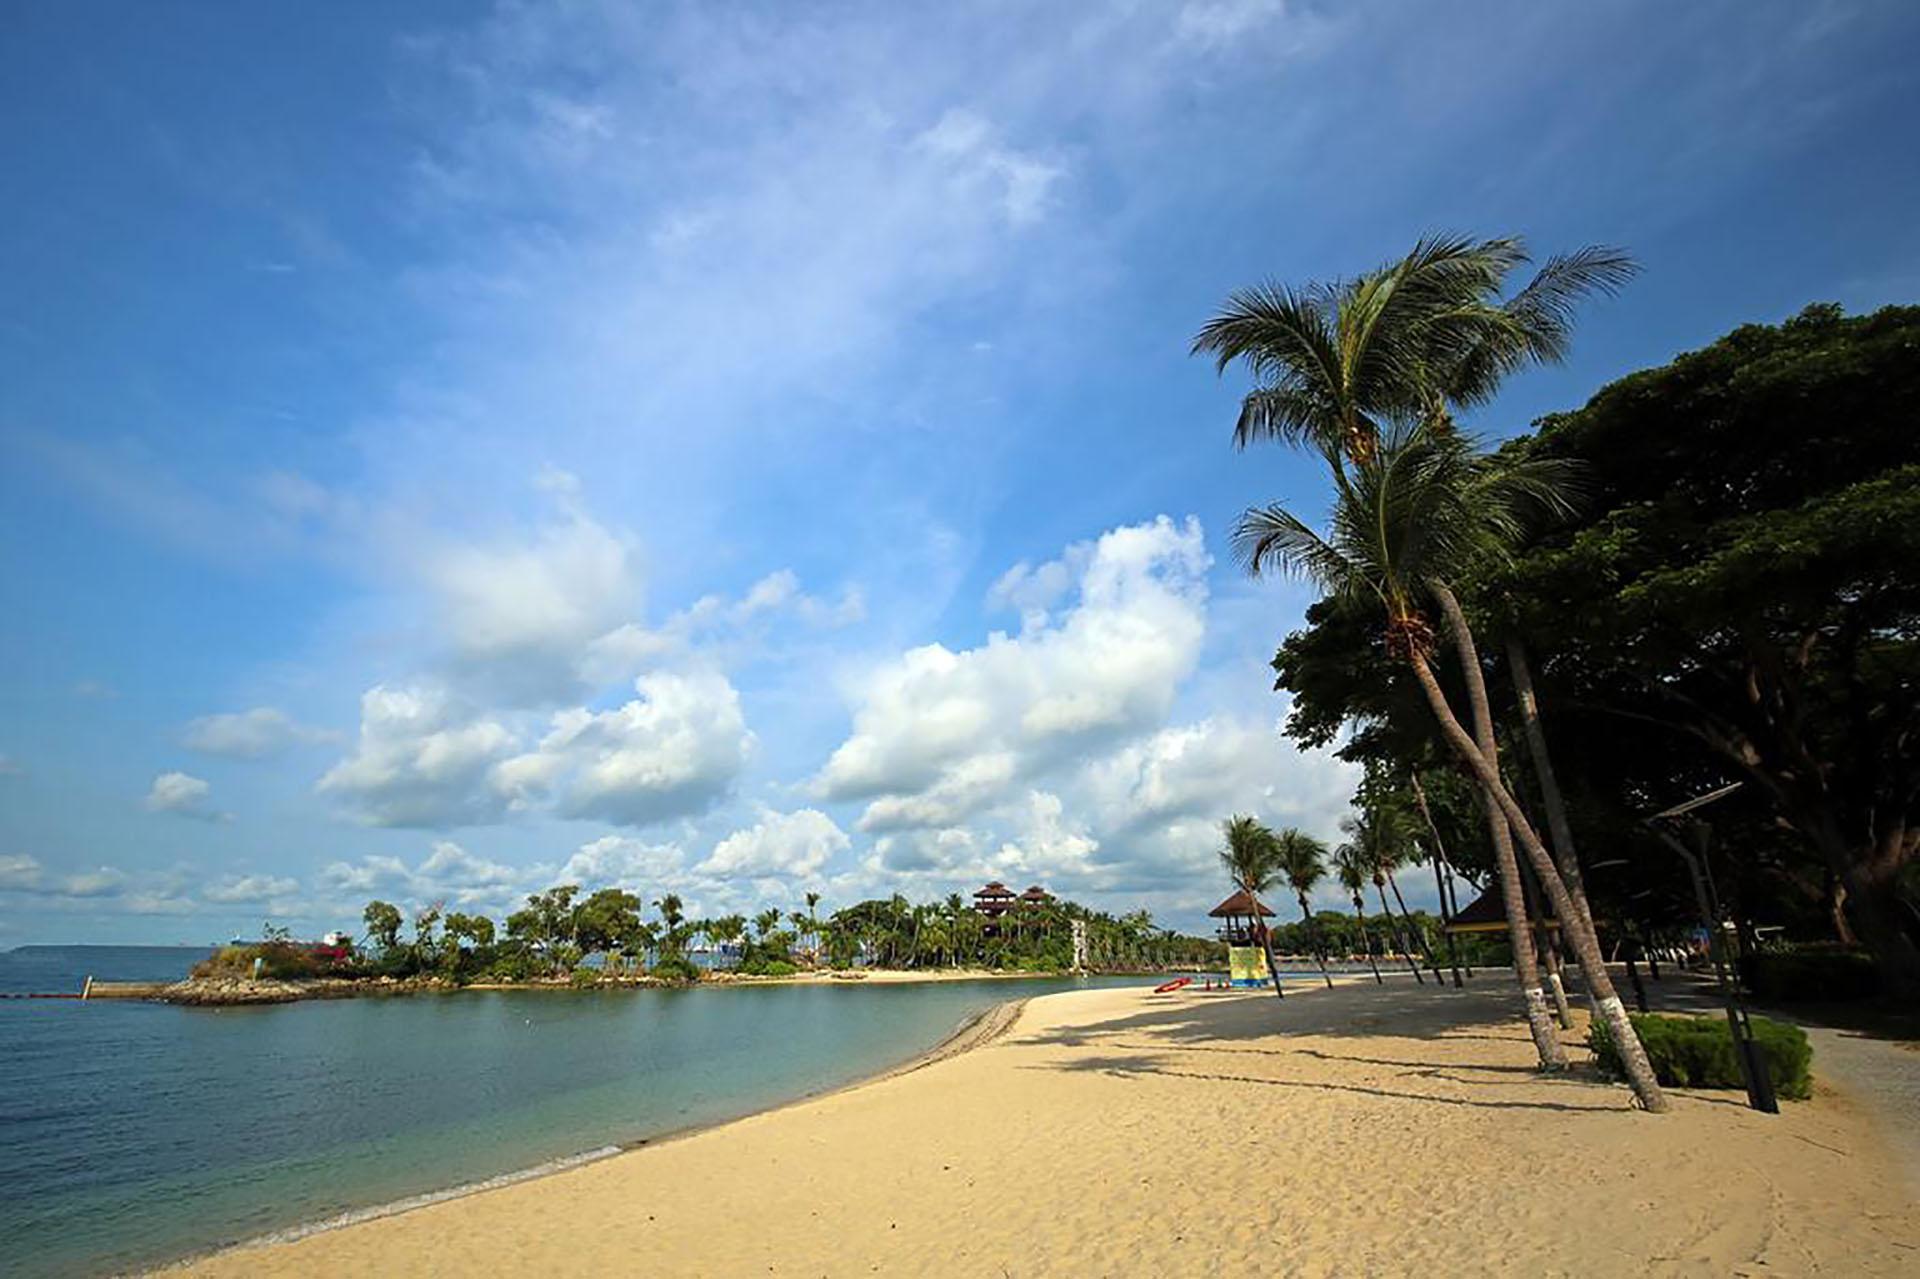 La isla cuenta con 3,2 kilómetros de playas de arena